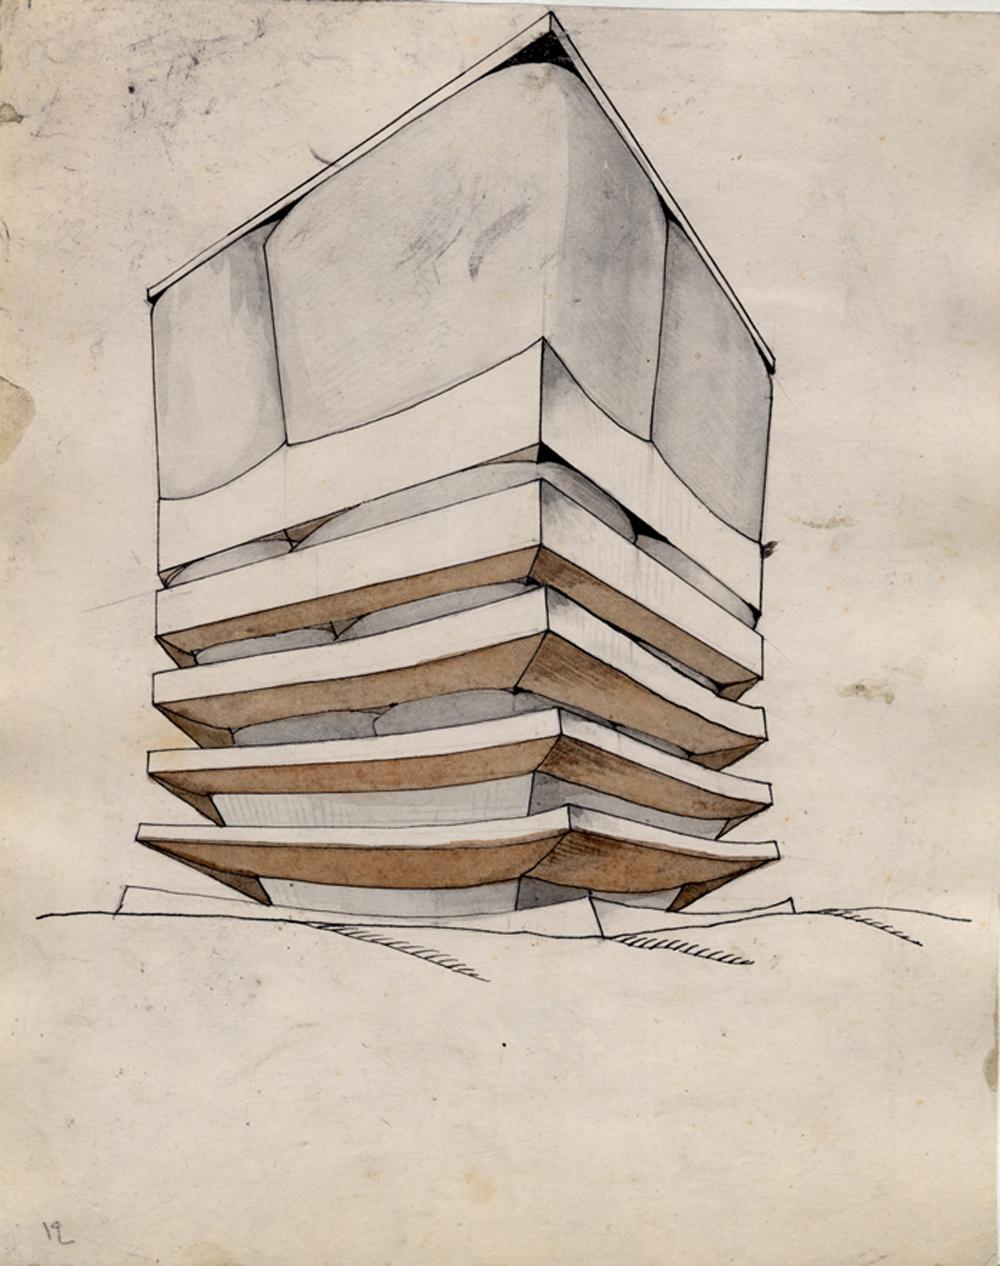 Wchutemas: M. Korshew: Abstrakte Aufgabe zur Ermittlung von Masse und Gewicht  1921 Papier, Tusche, Aquarell  © Staatliches Schtschussew Museum für Architektur Moskau